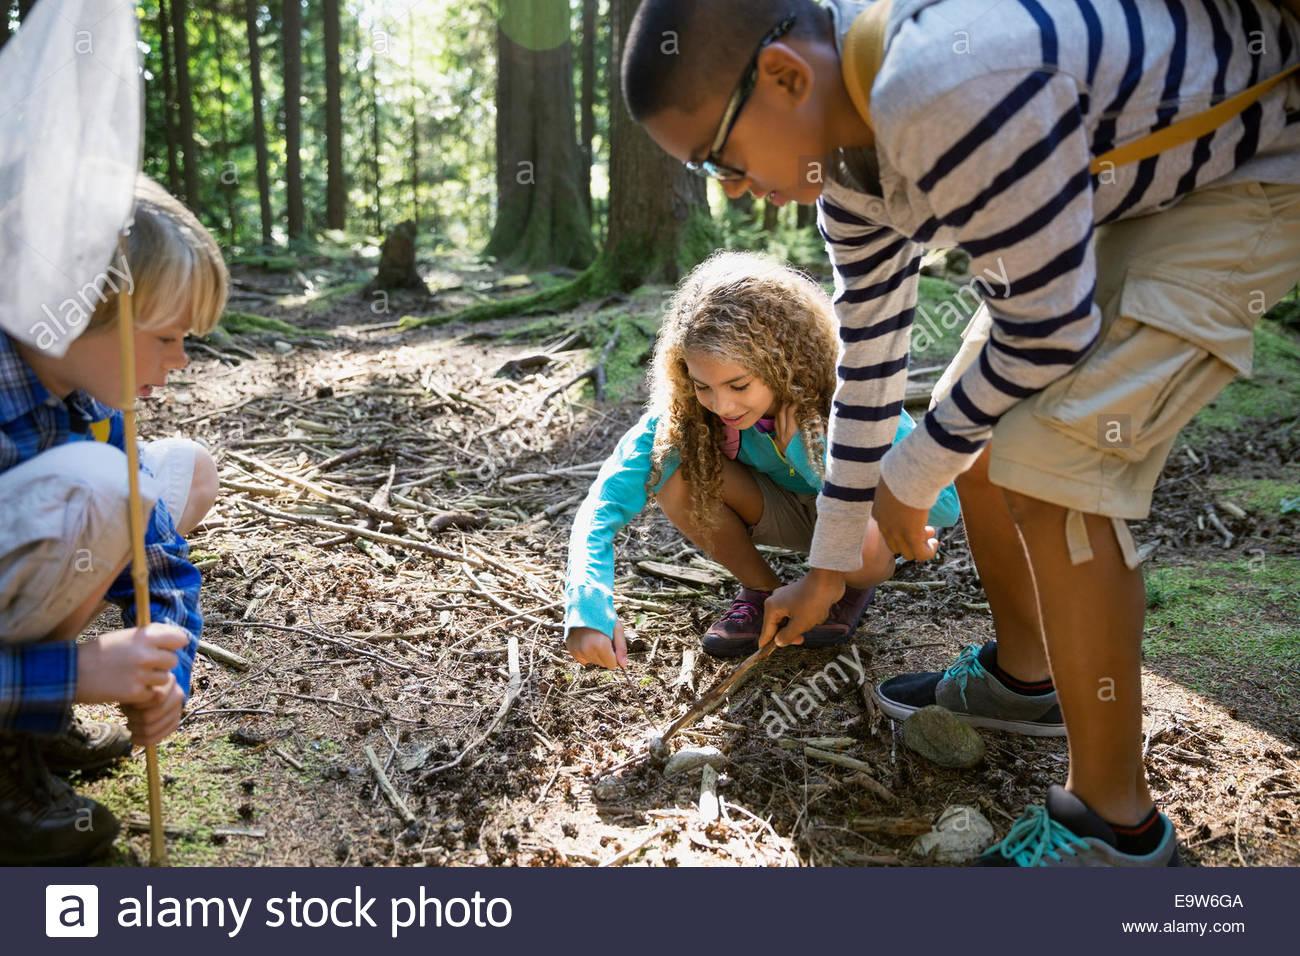 Los niños hurgando en el suelo con palos de madera Imagen De Stock